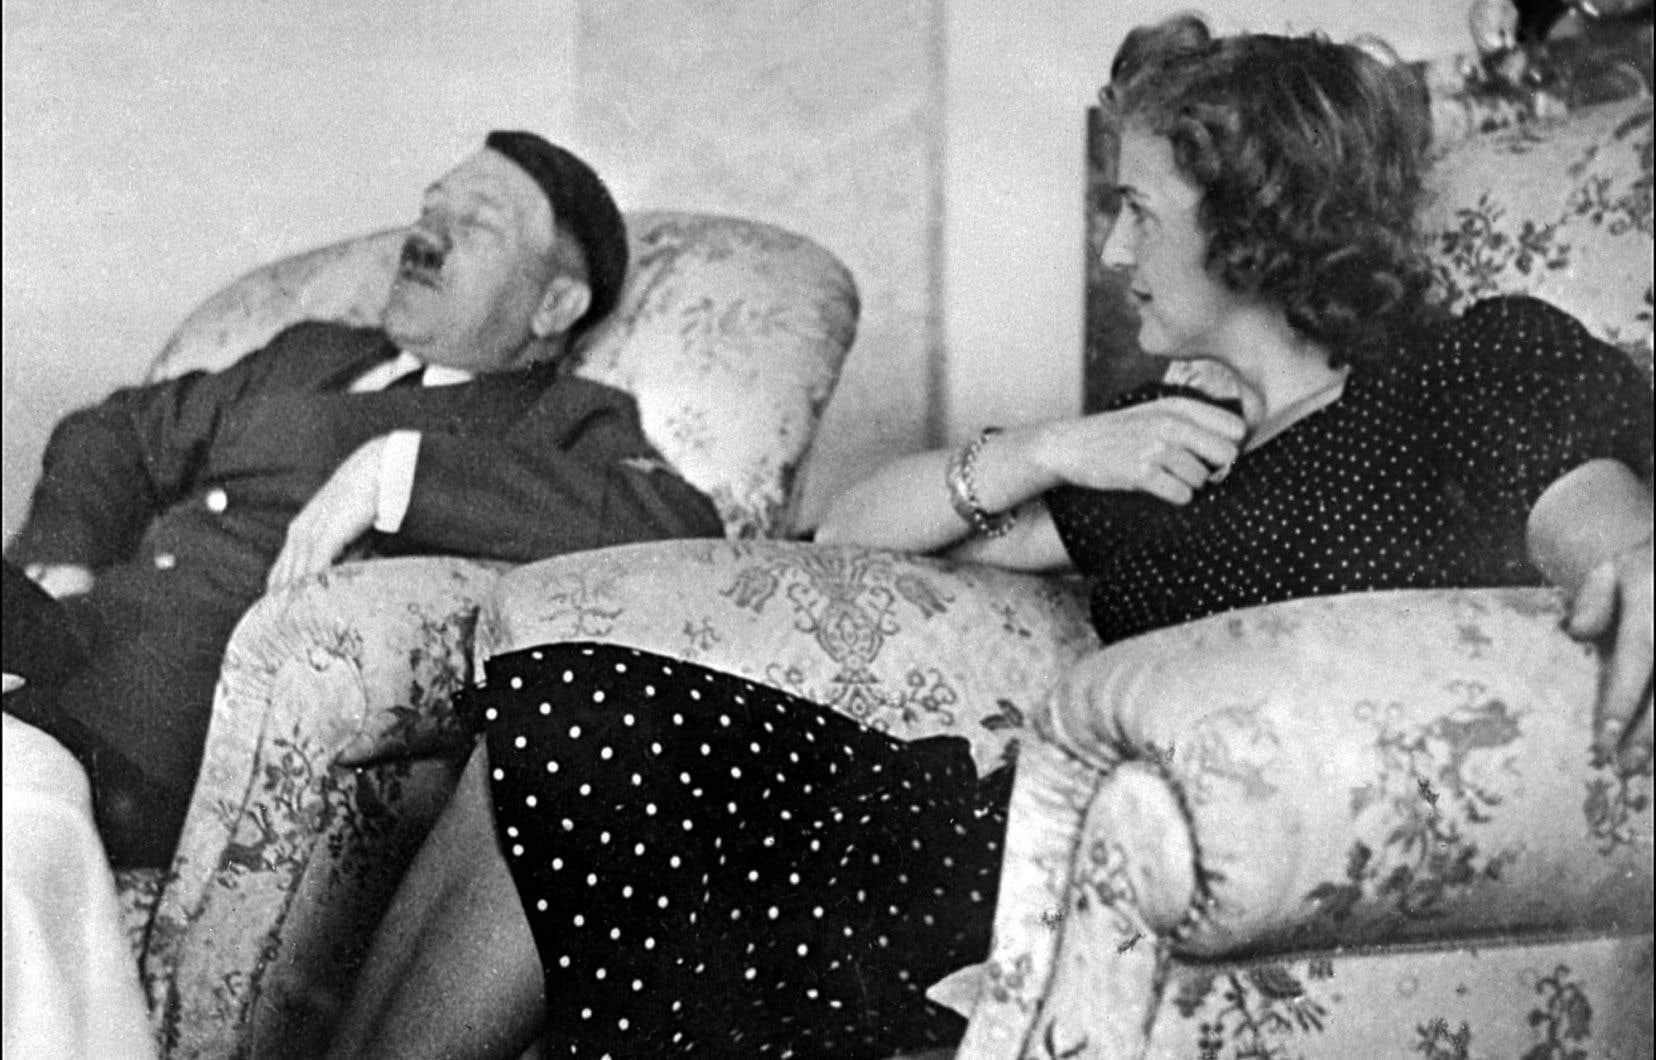 Complètement défoncé, en compagnie d'Eva Braun? Plus de 300 substances chimiques, dont une vingtaine de psychotropes, ont colonisé le corps d'Adolf Hitler dans les sombres années du IIIeReich.